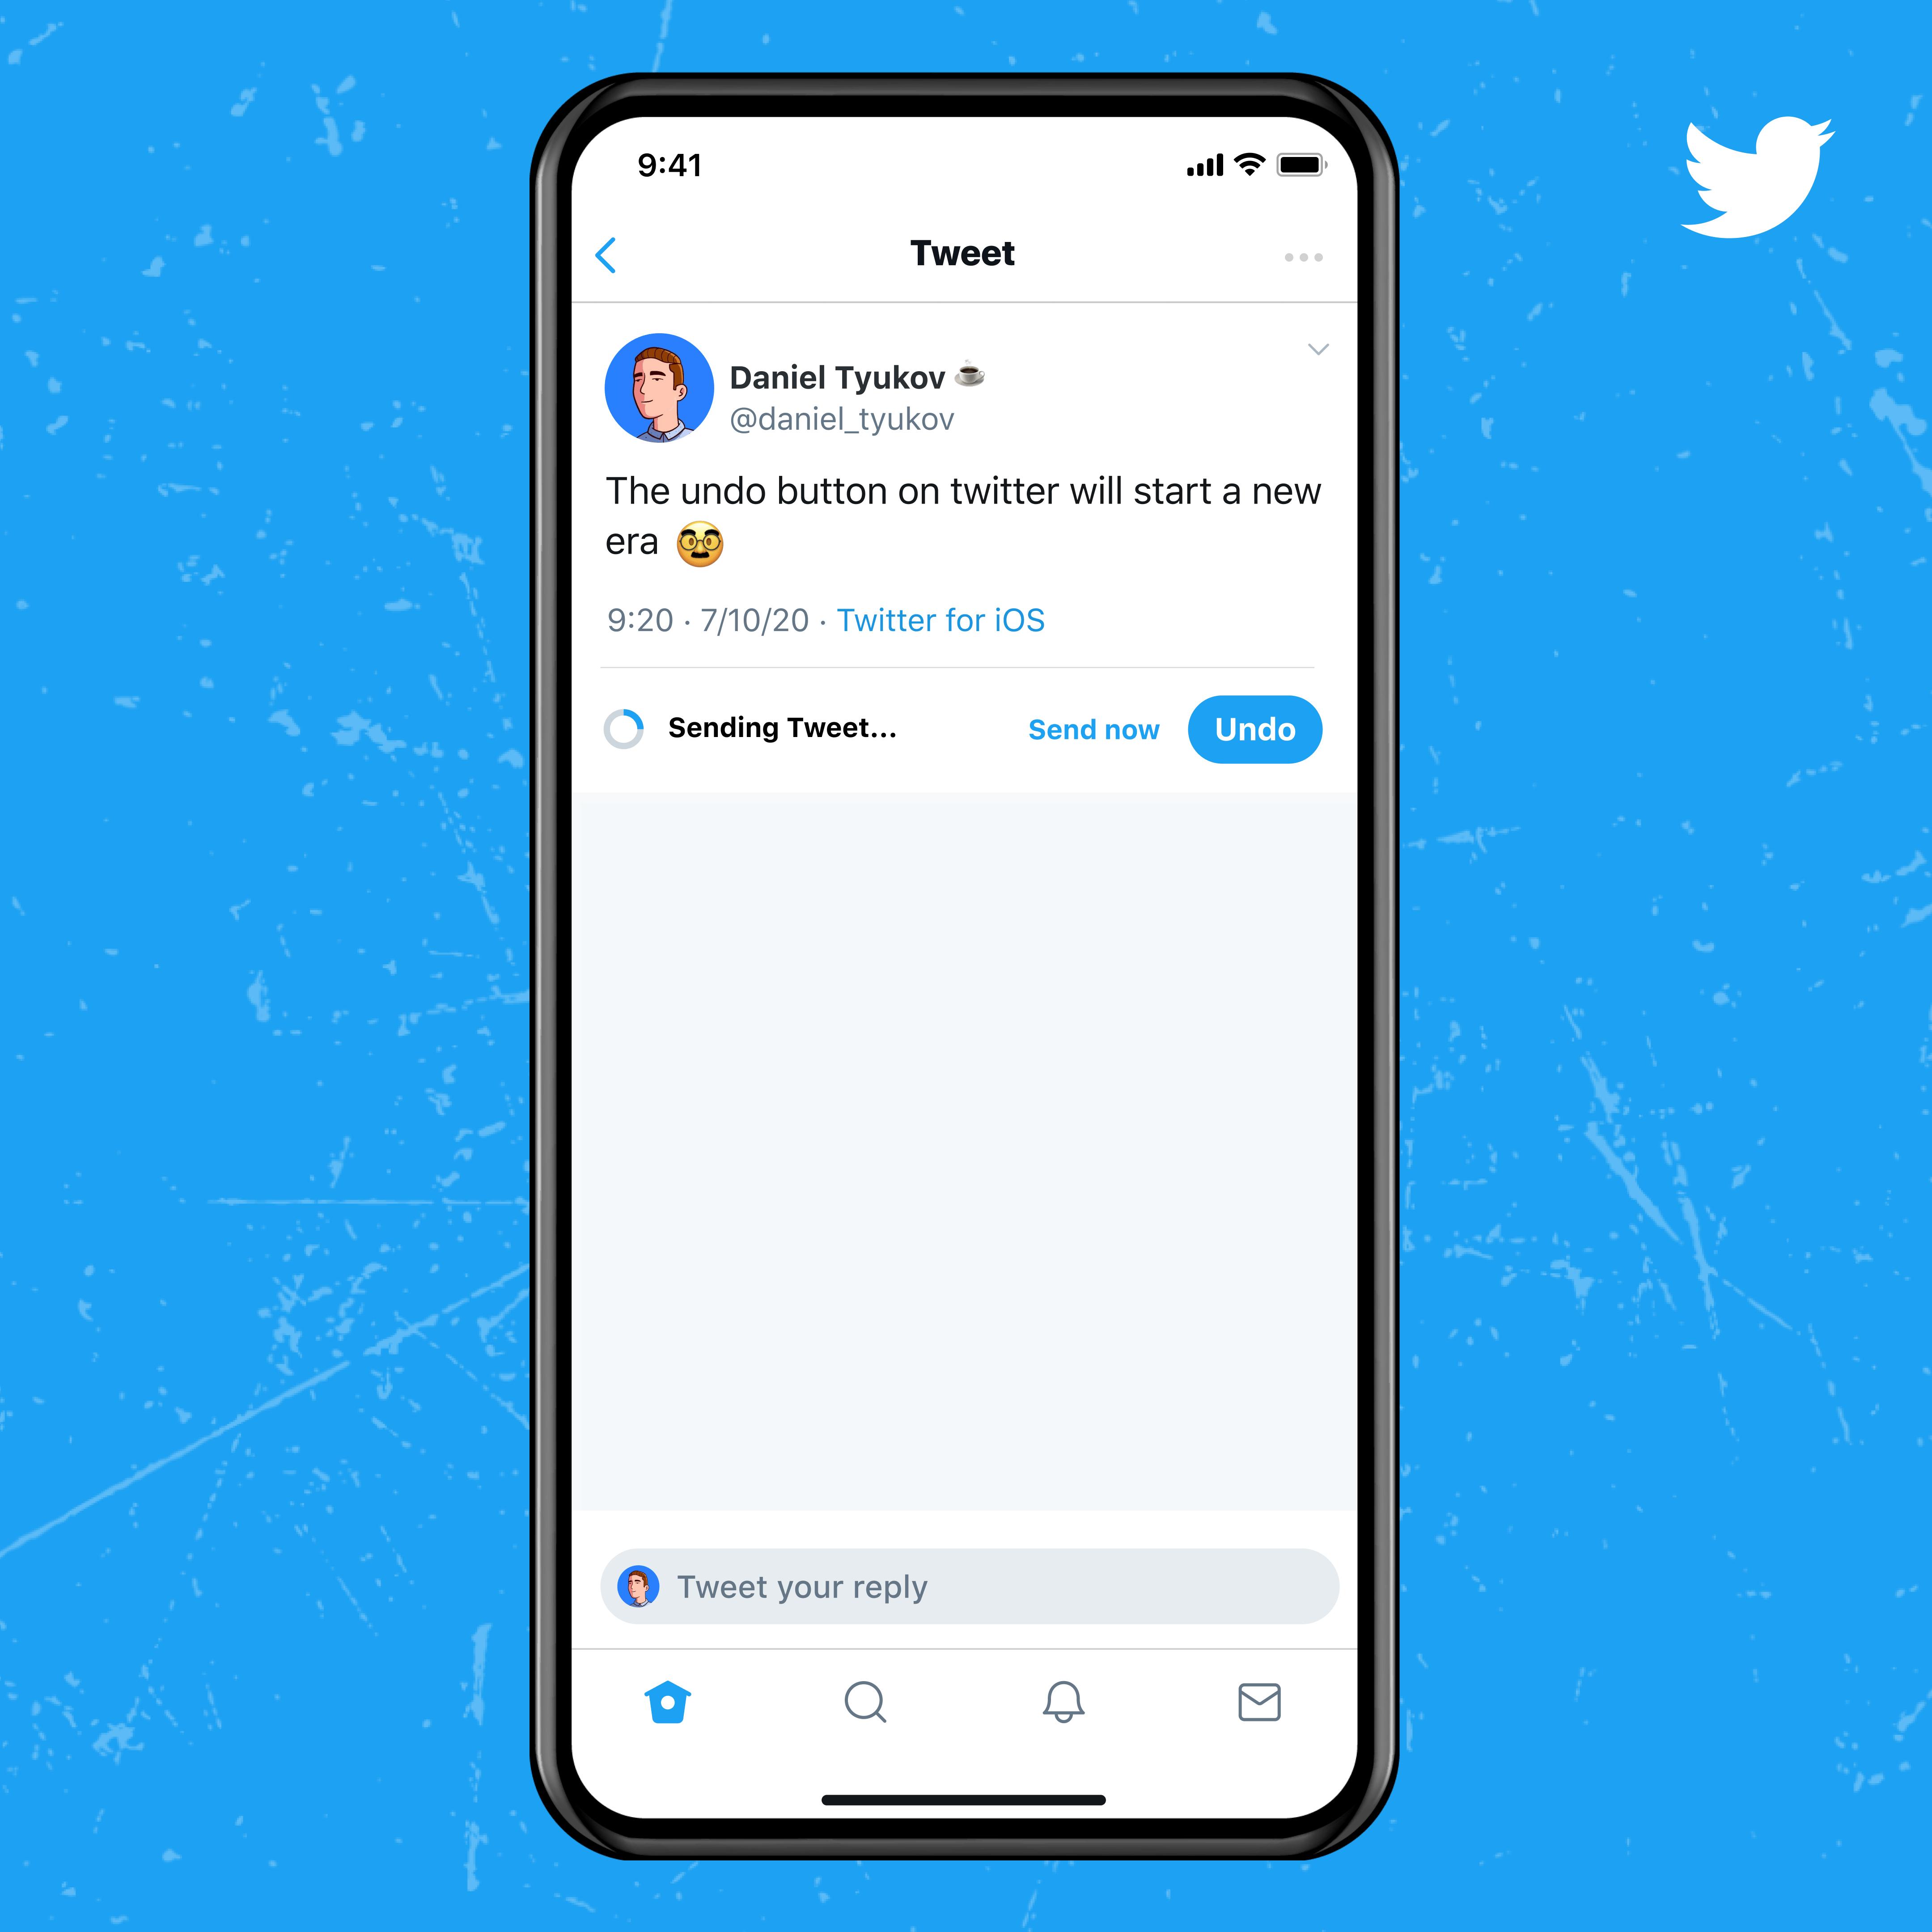 Twitter Blue Funktionen: Tweet widerrufen